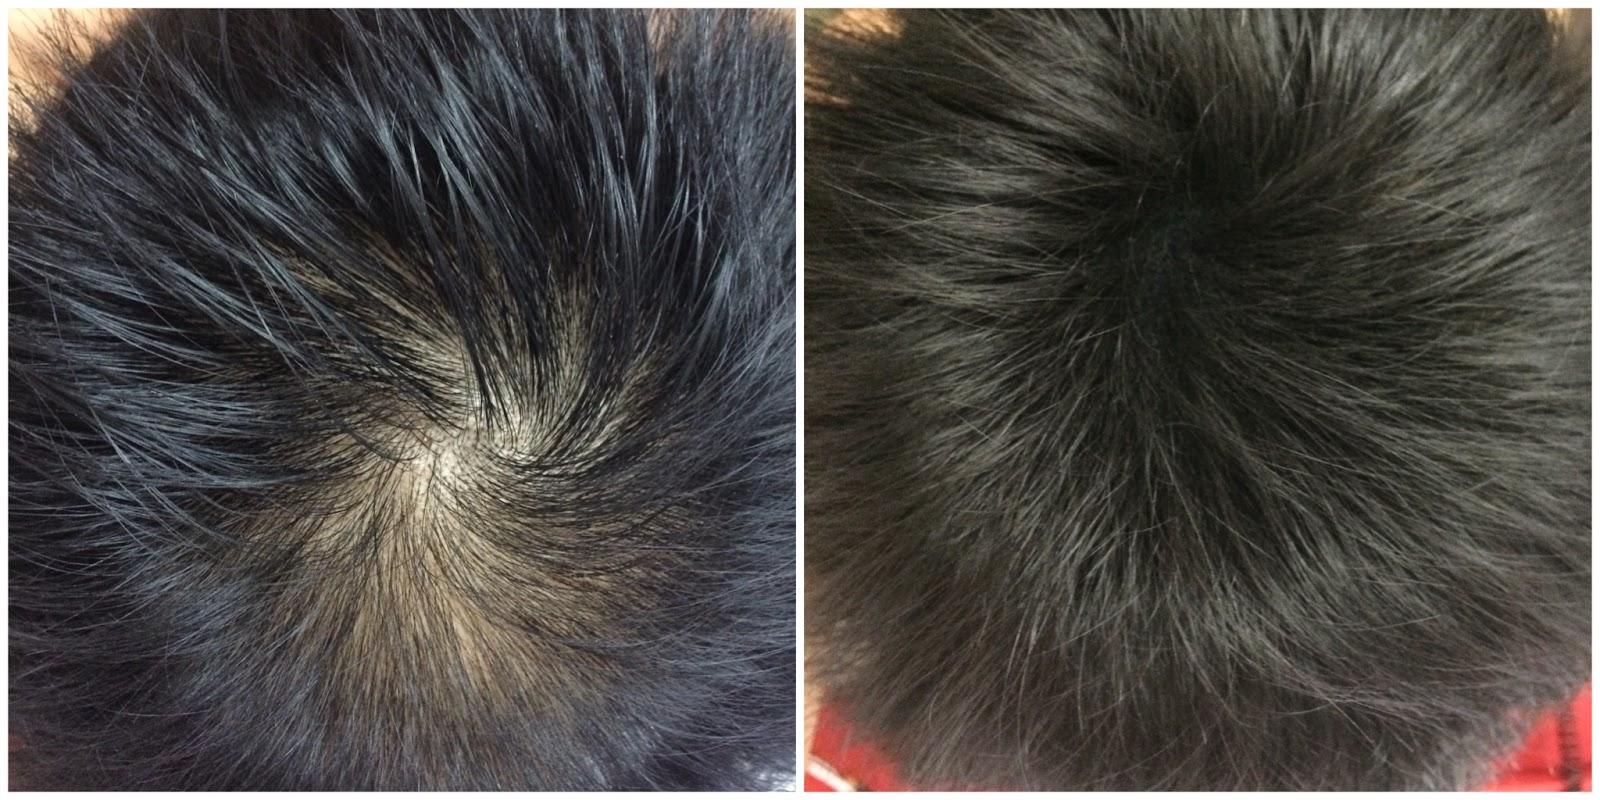 ใช้ samson hair fiber